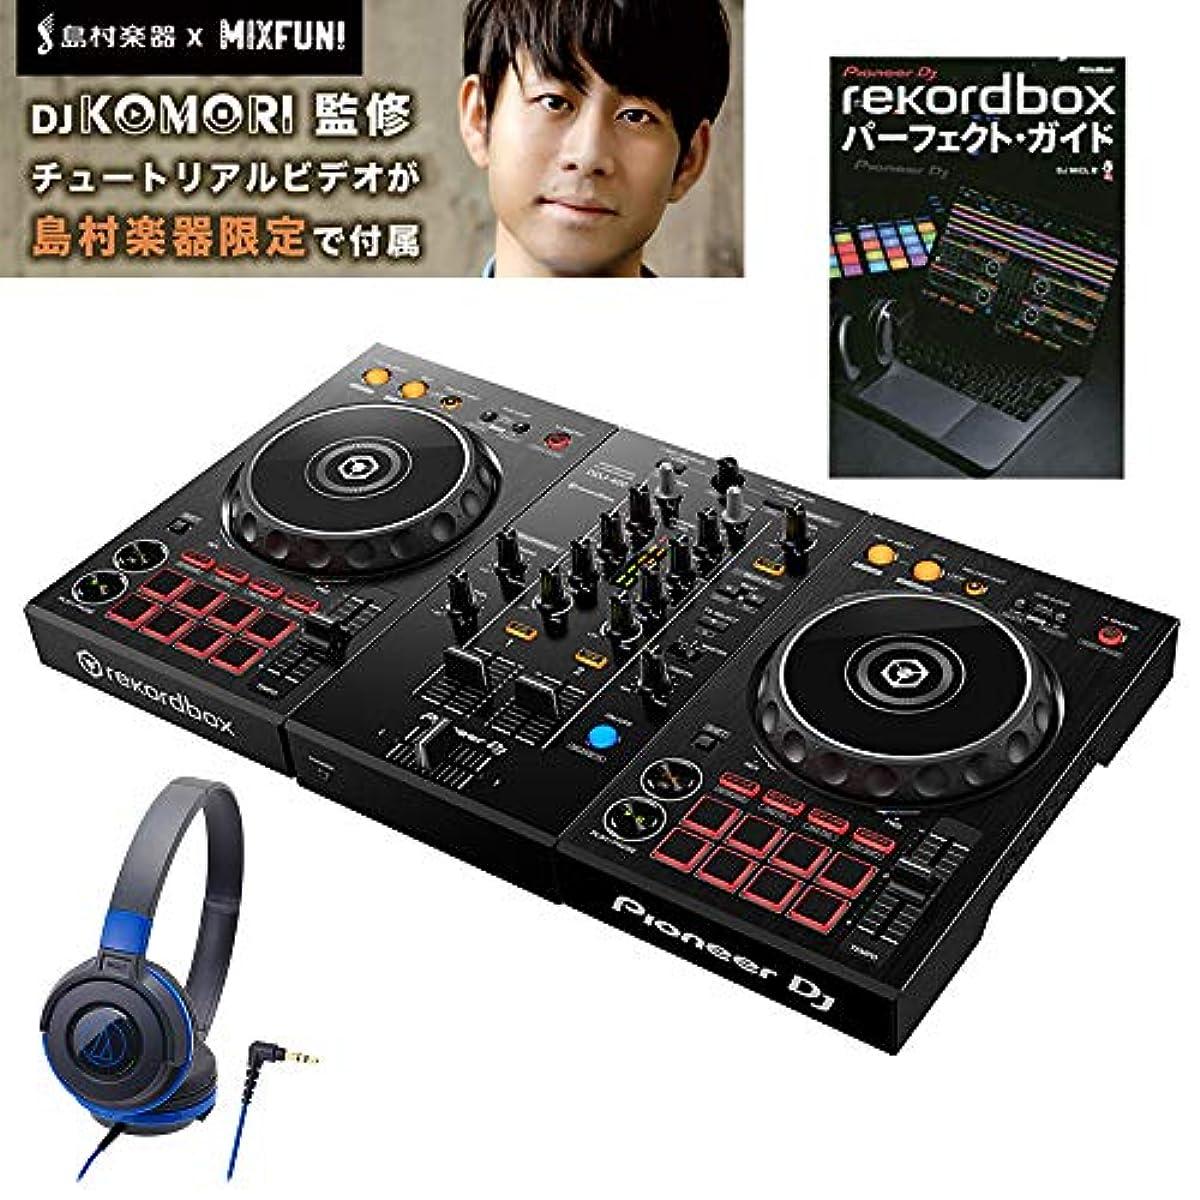 [해외] PIONEER DJ DDJ-400 퍼팩트 가이드&AUDIO-TECHNICA 헤드폰 세트 블랙 블루 DJ콘트롤러 [ REKORDBOX DJ]부속 파이오니아